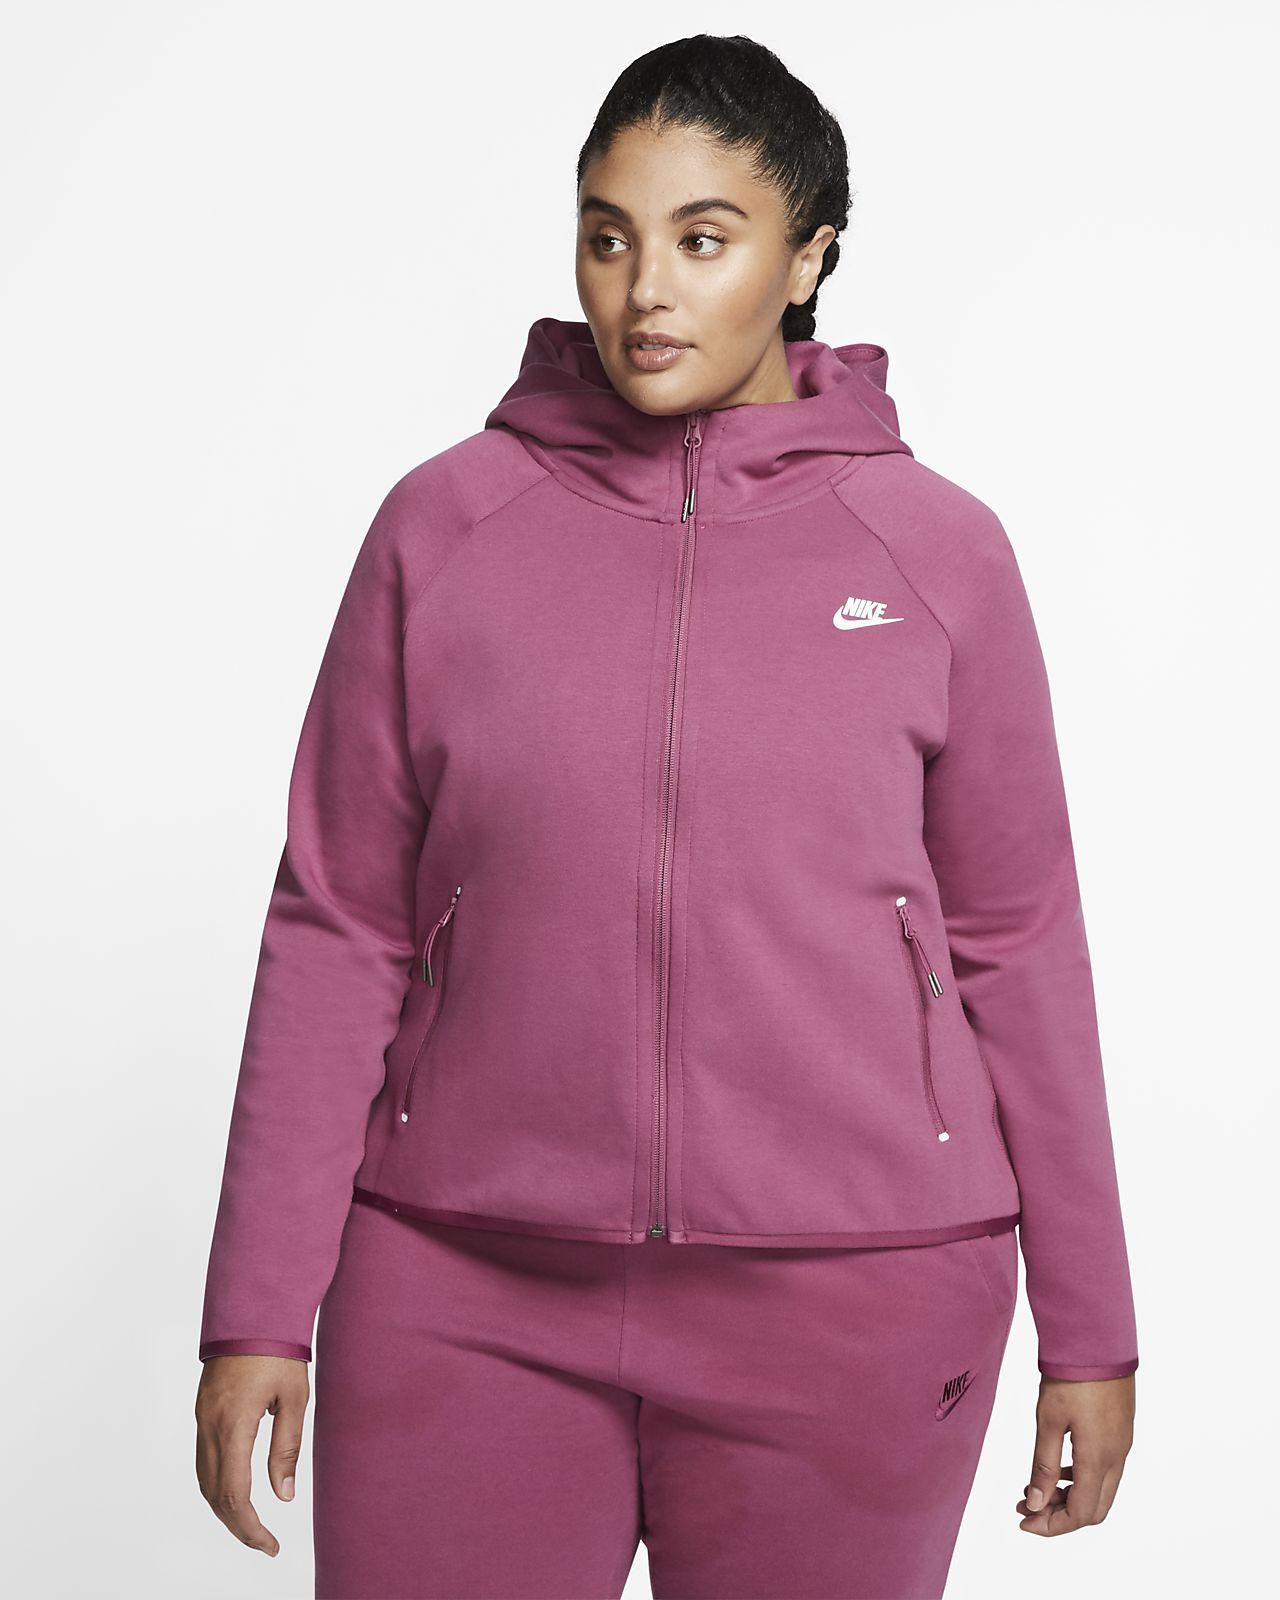 nike sportswear tech fleece femme